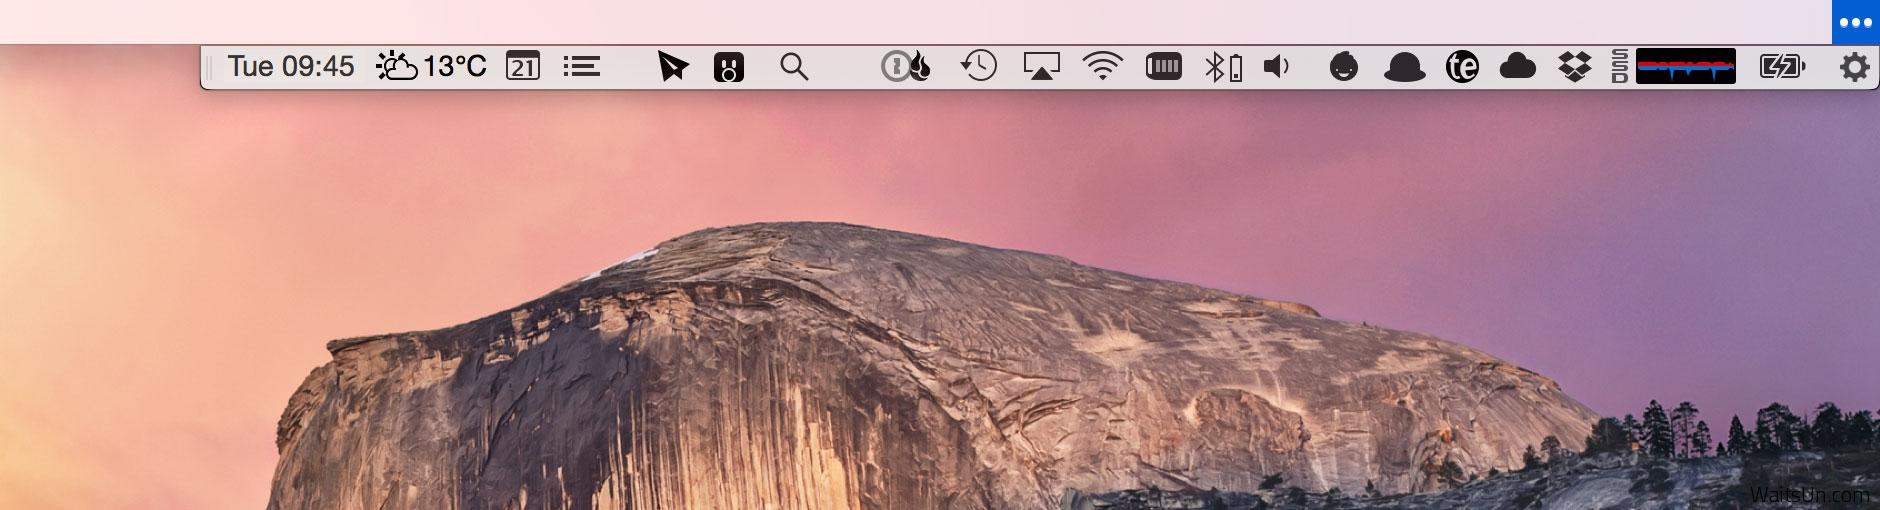 Bartender 2 for Mac 2.1.0 注册版 – 最好用的菜单栏图标管理工具-麦氪派